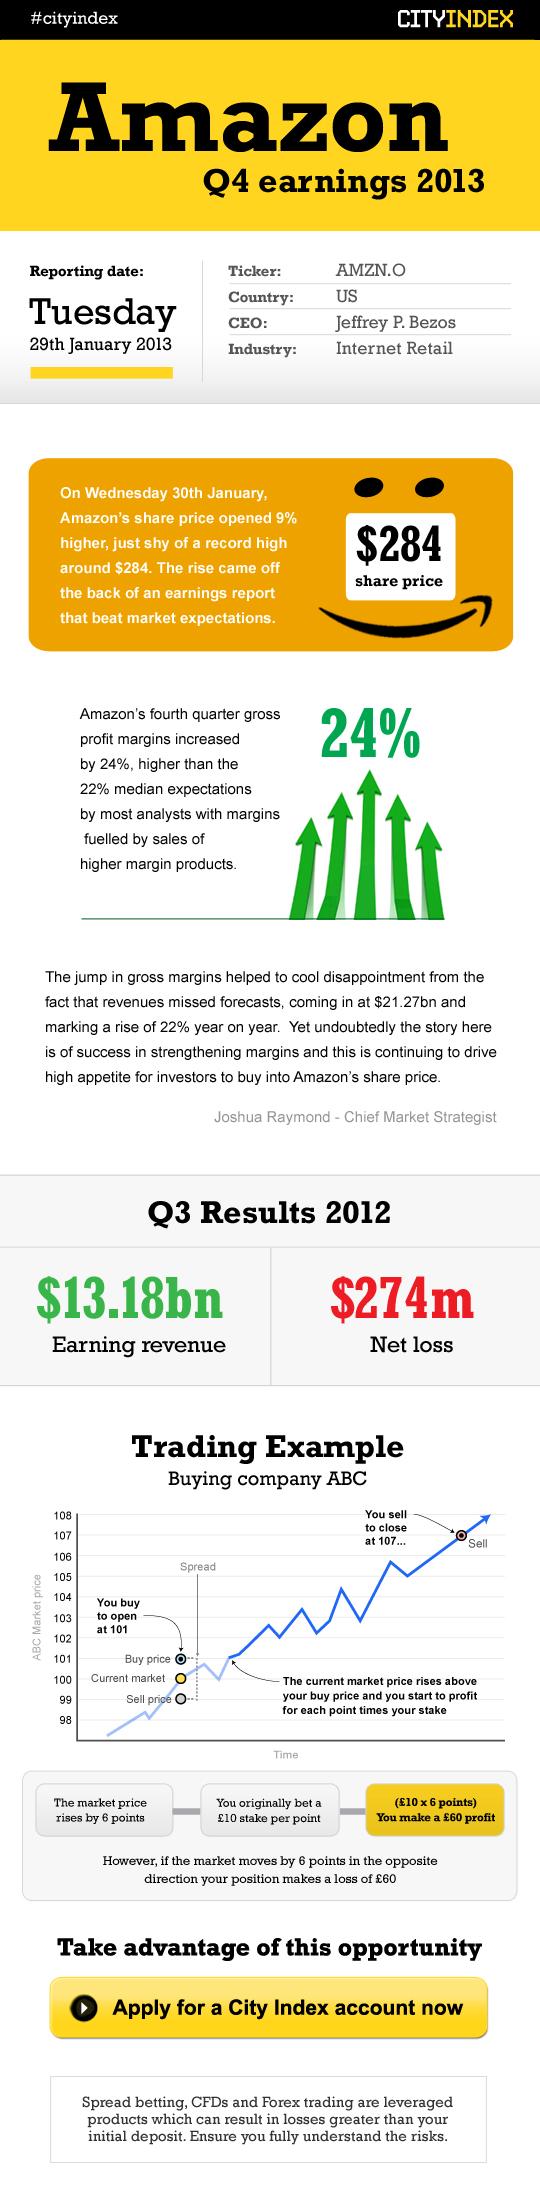 RealityPod - Amazon Earnings infographic